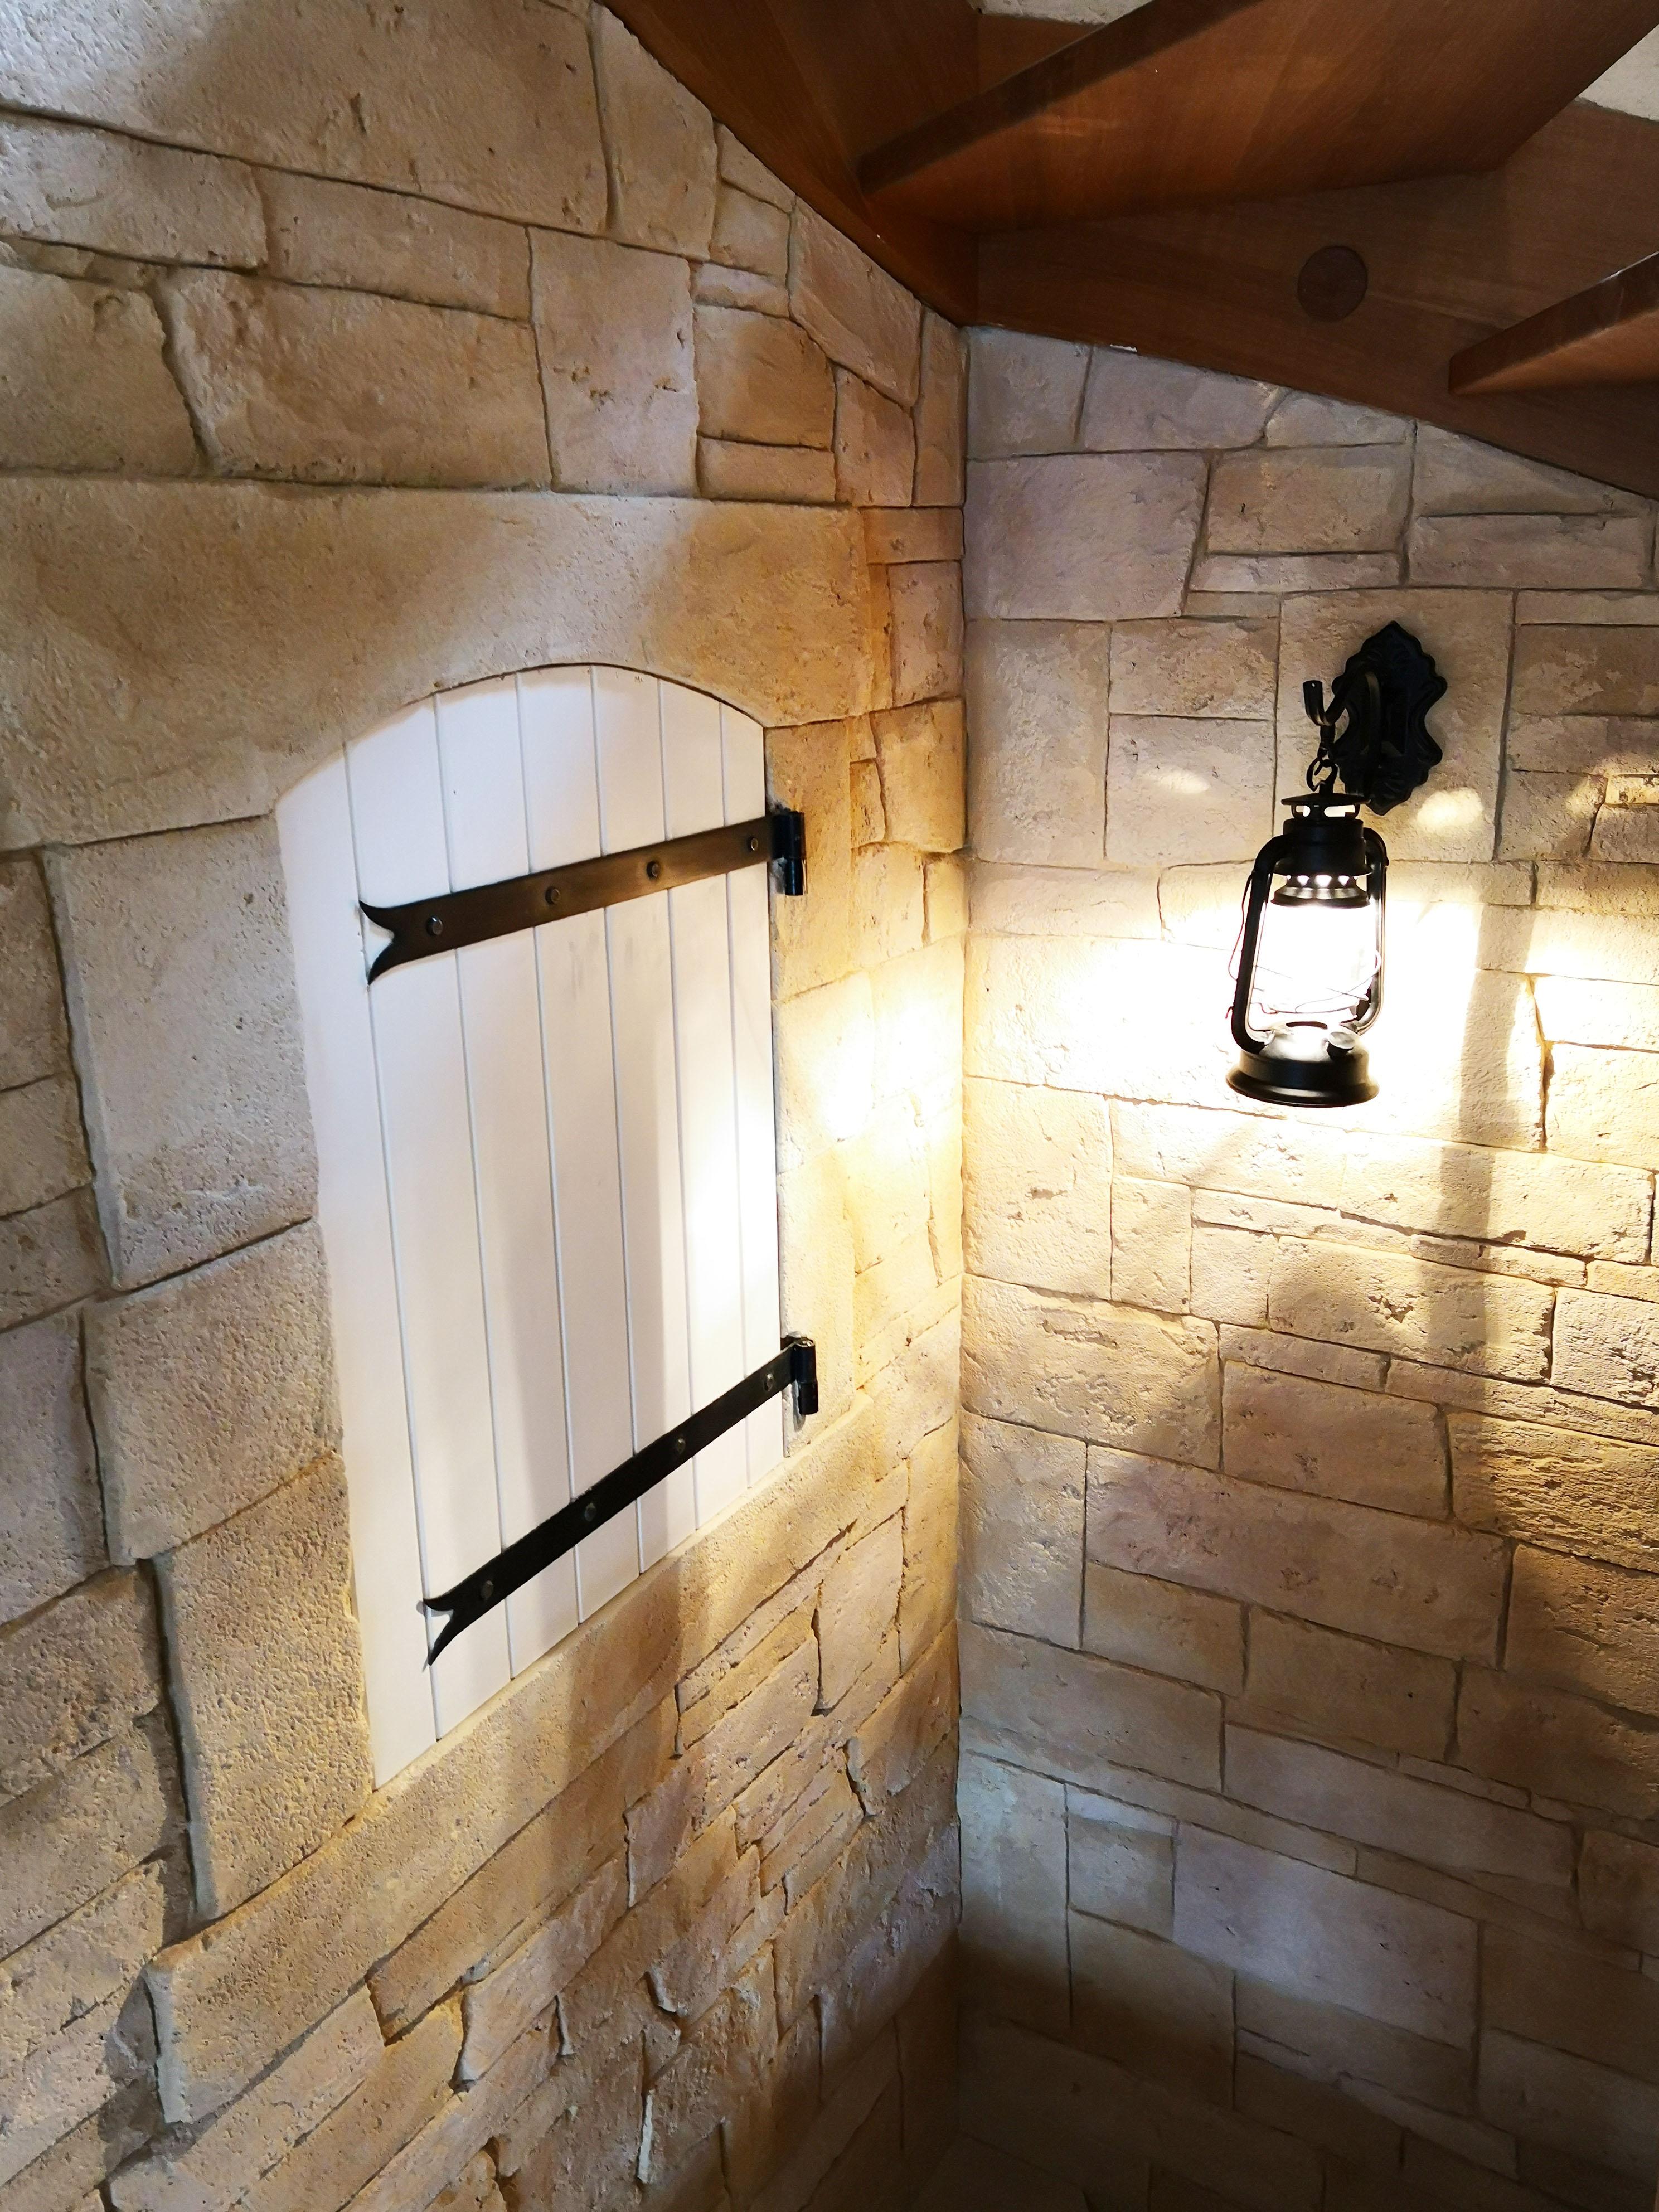 fausse fenêtre avec entourage pierre dans cage d'escalier